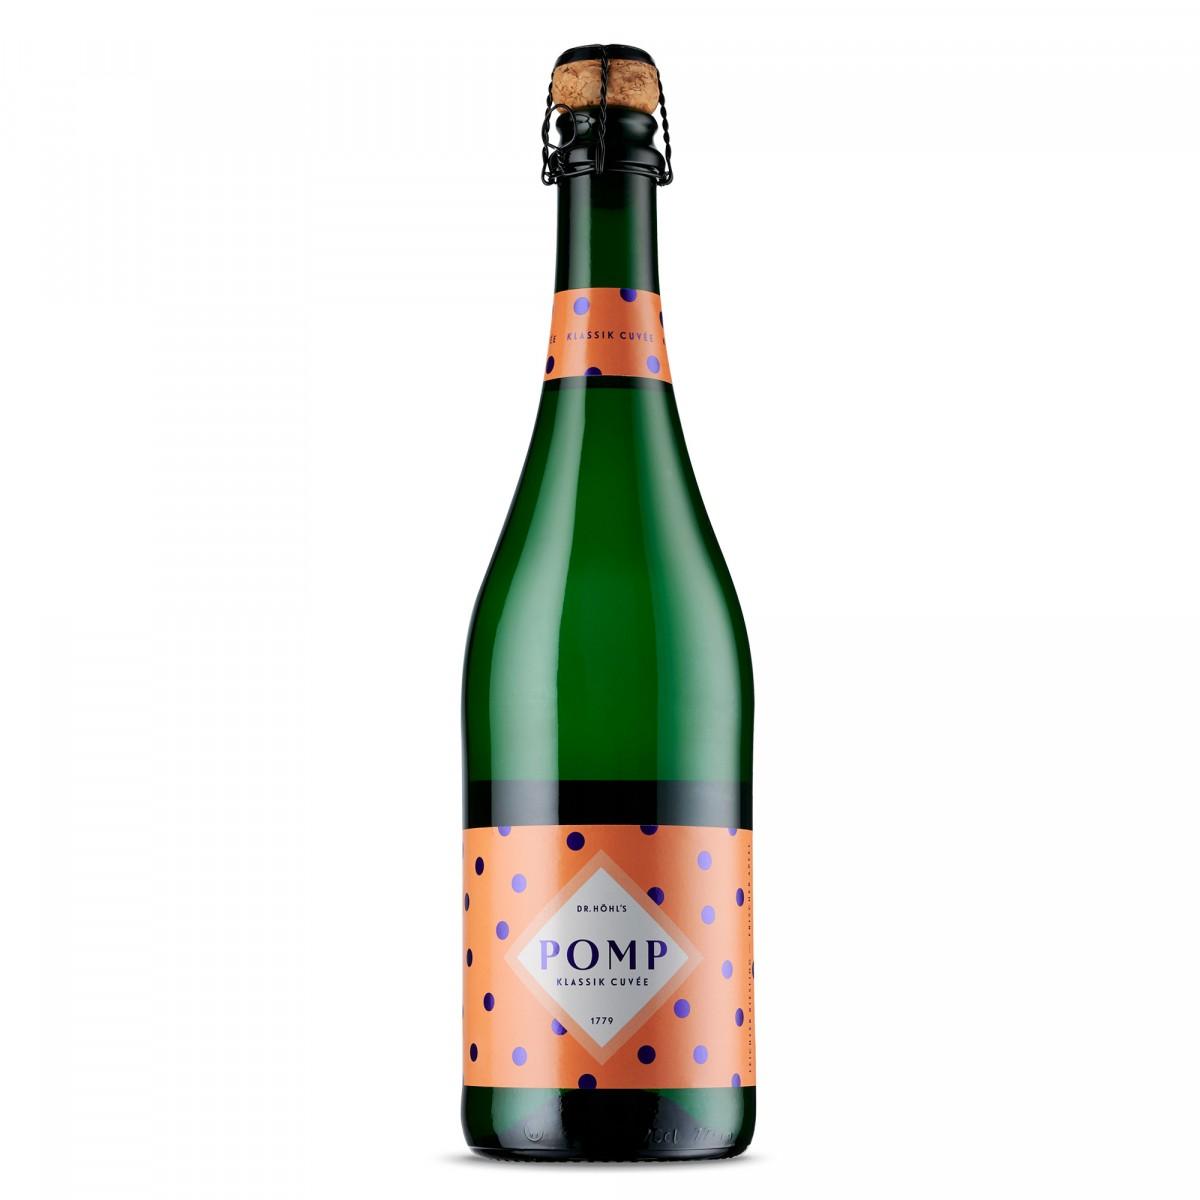 POMP Klassik Cuvée (0,75l)